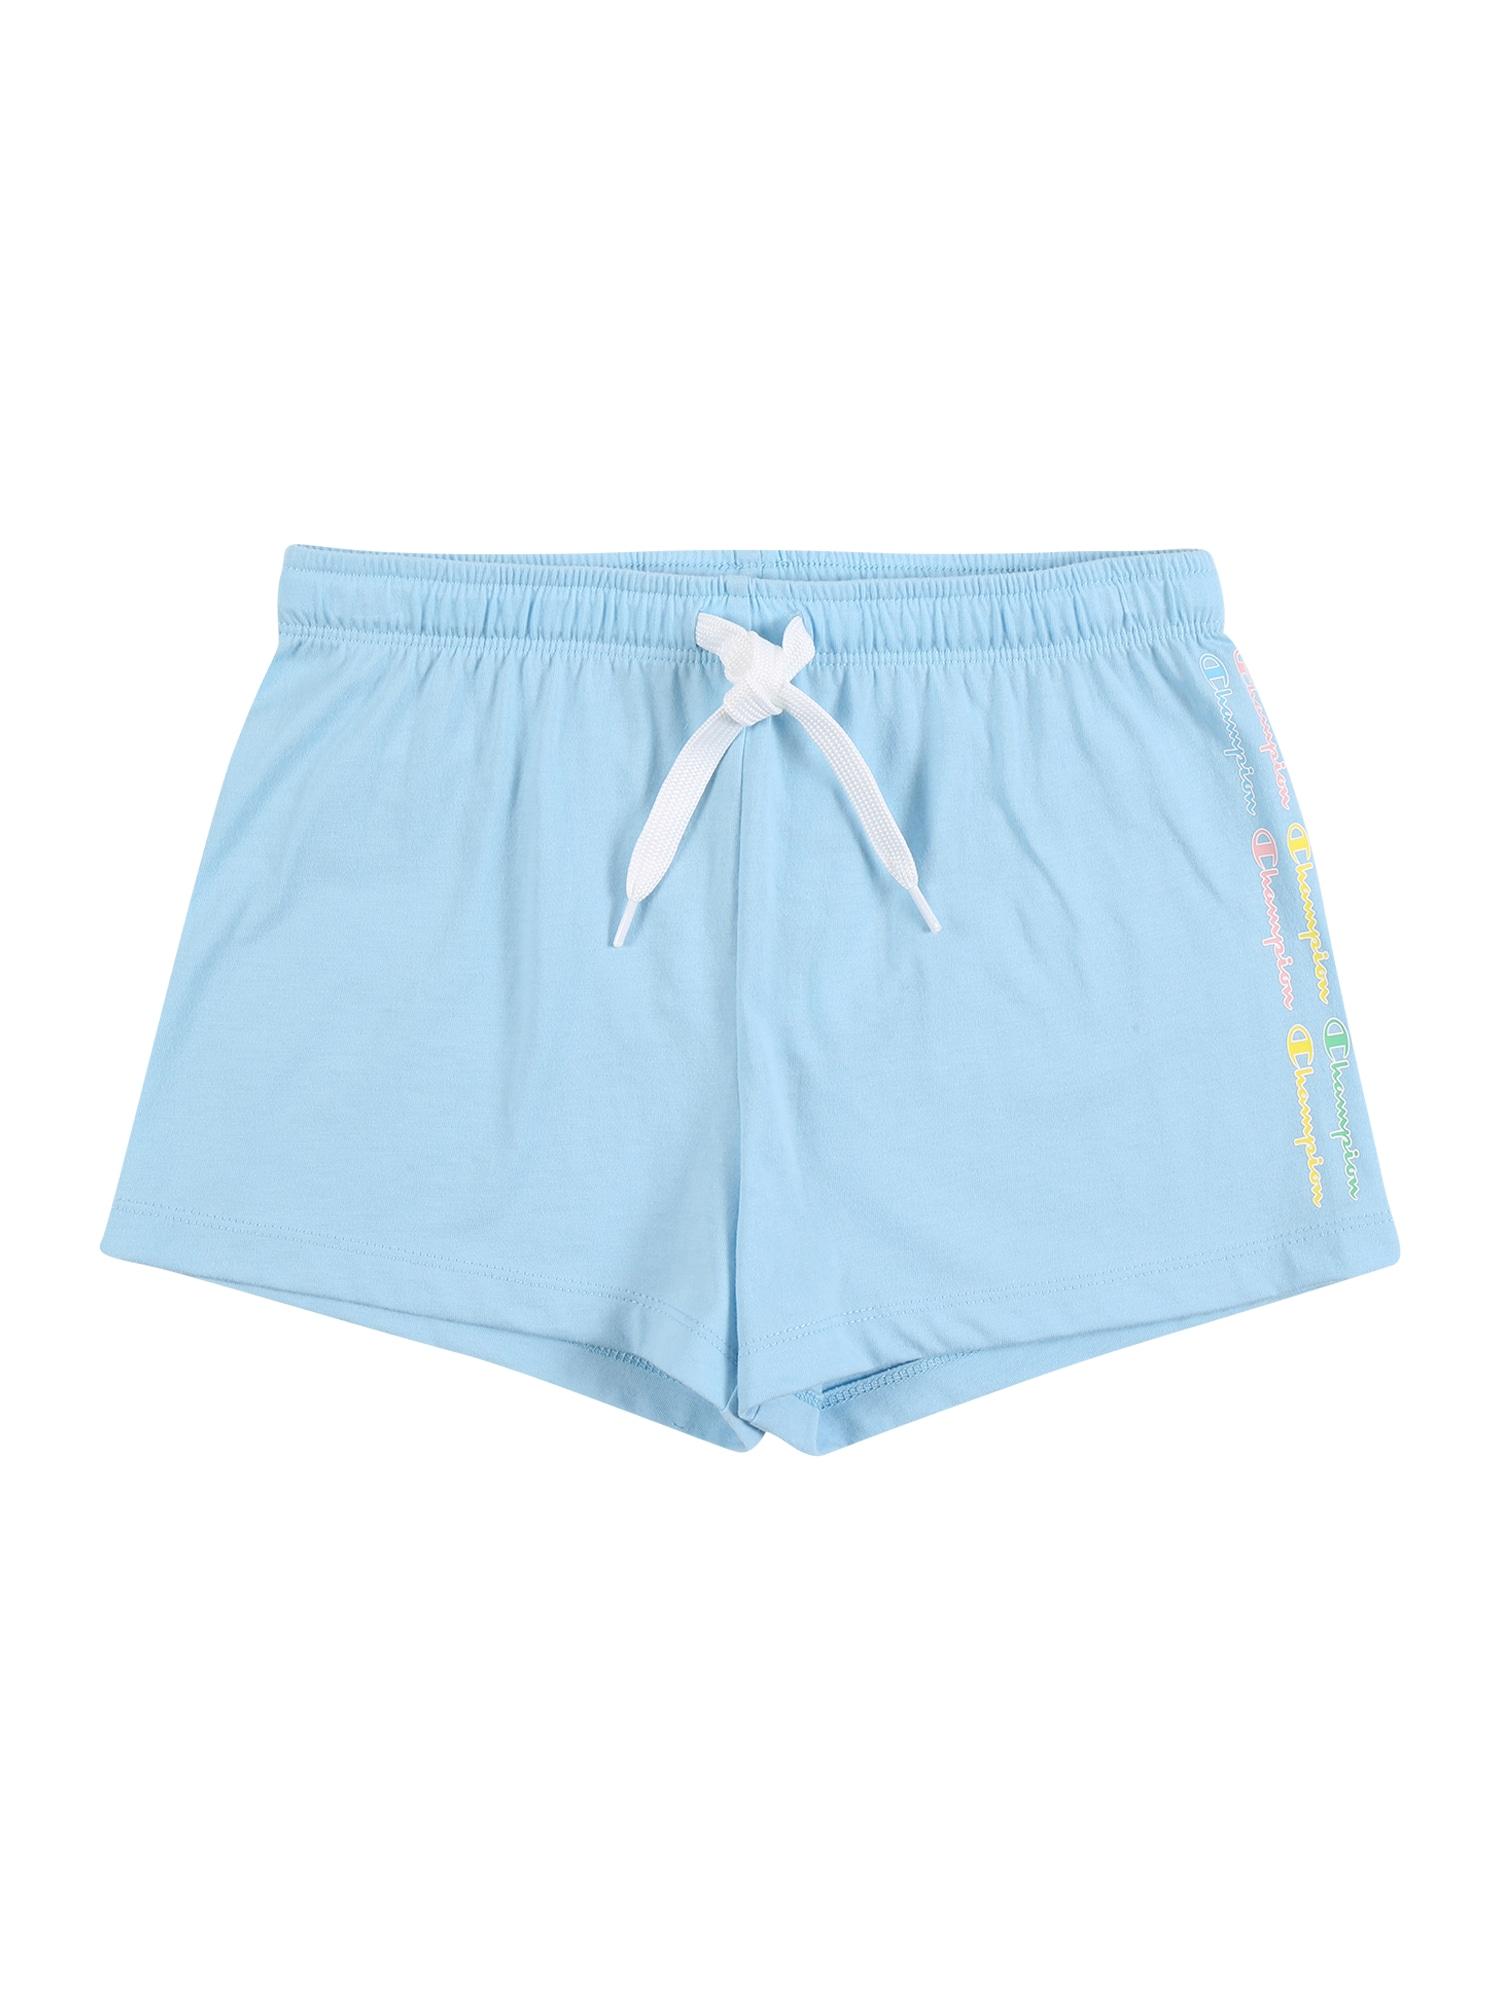 Champion Authentic Athletic Apparel Kelnės šviesiai mėlyna / geltona / šviesiai žalia / šviesiai rožinė